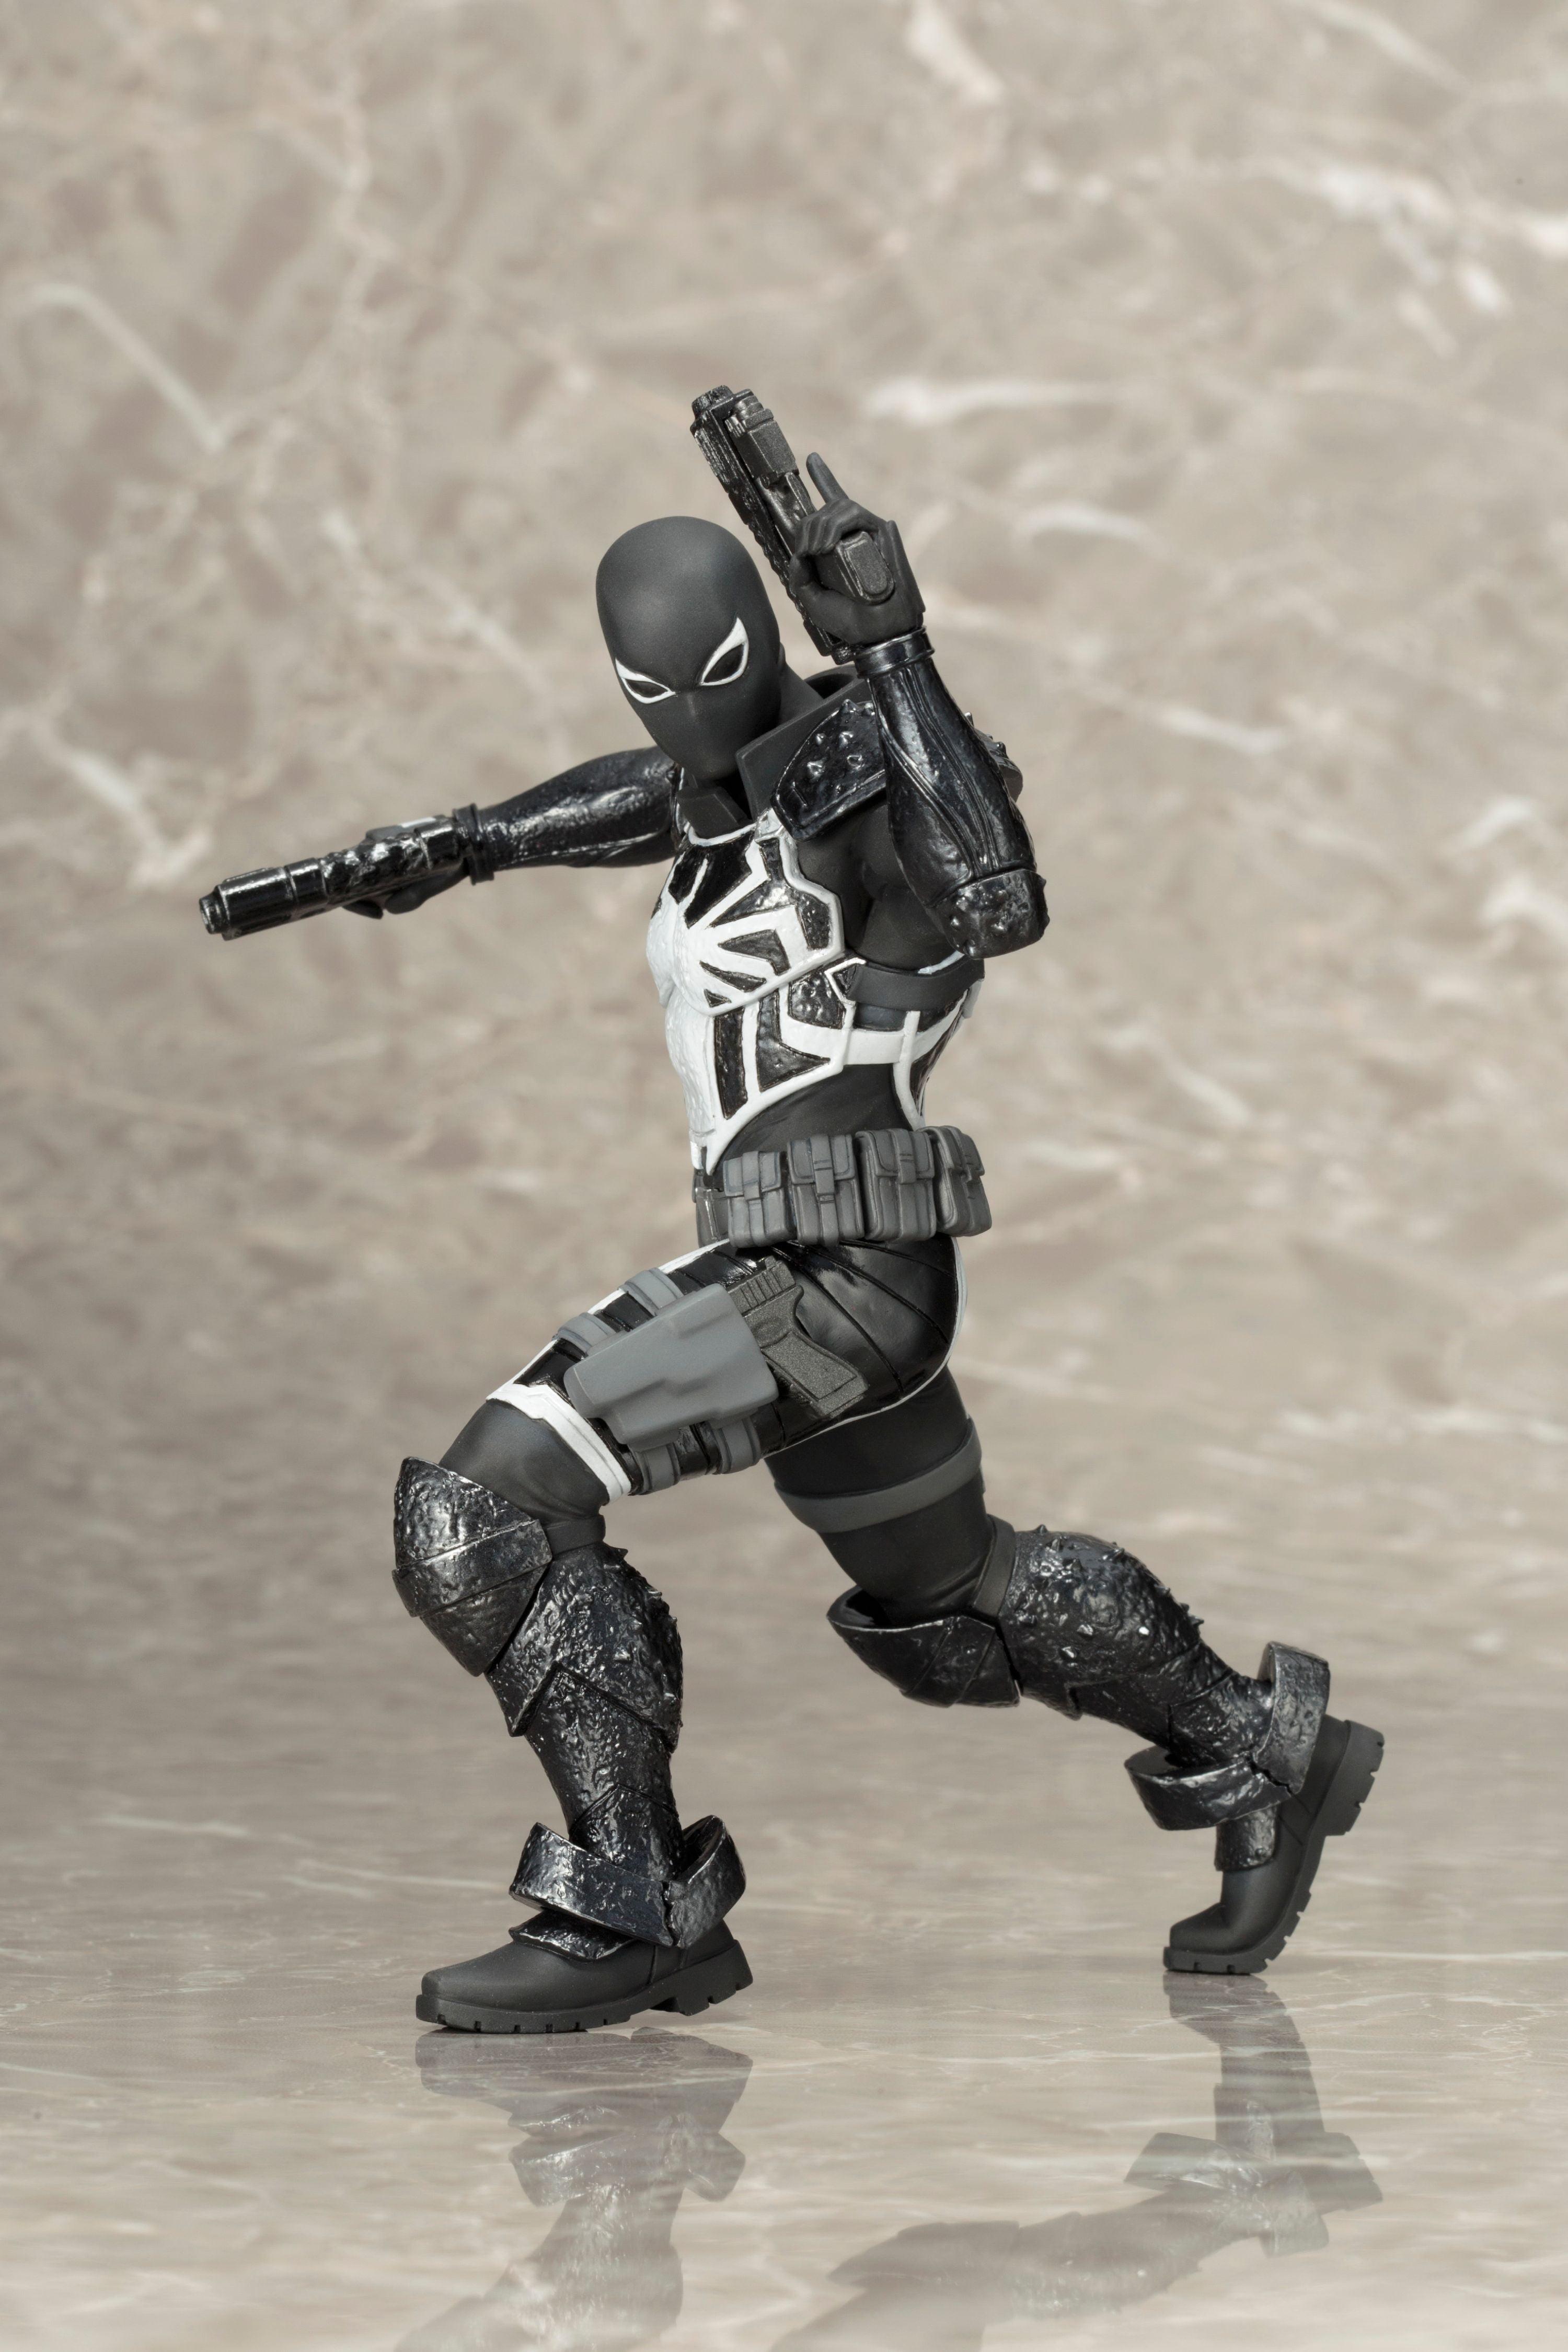 Spiderman Venom 1//10 Action Figure Marvel Toy Figurine KOTOBUKIYA ARTFX No Box